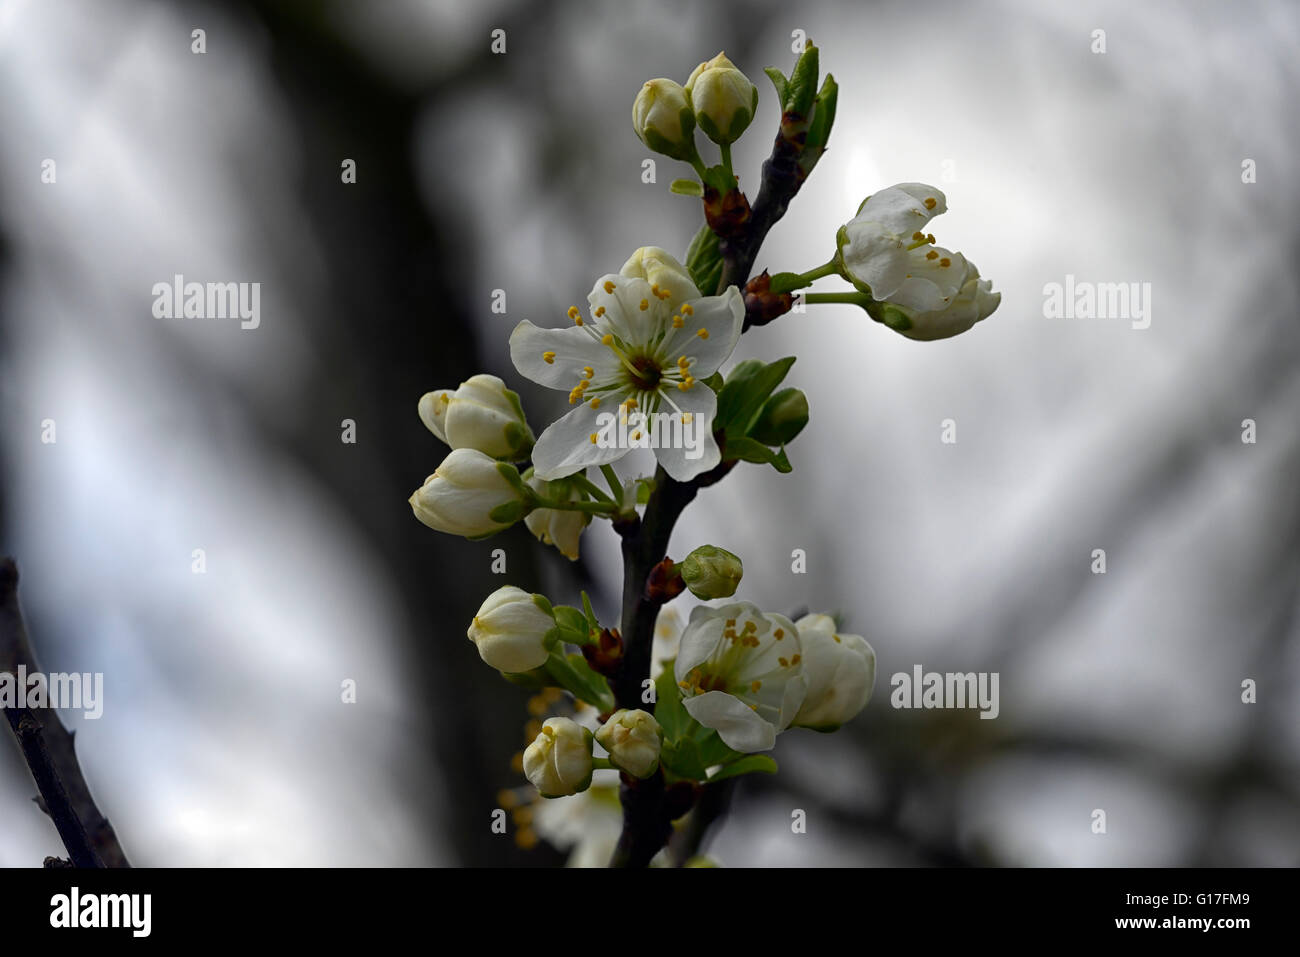 Prunus domestica Oullins Gage golden blossom damson prugna fiore primavera fiori bianchi blumi di alberi da frutta Immagini Stock